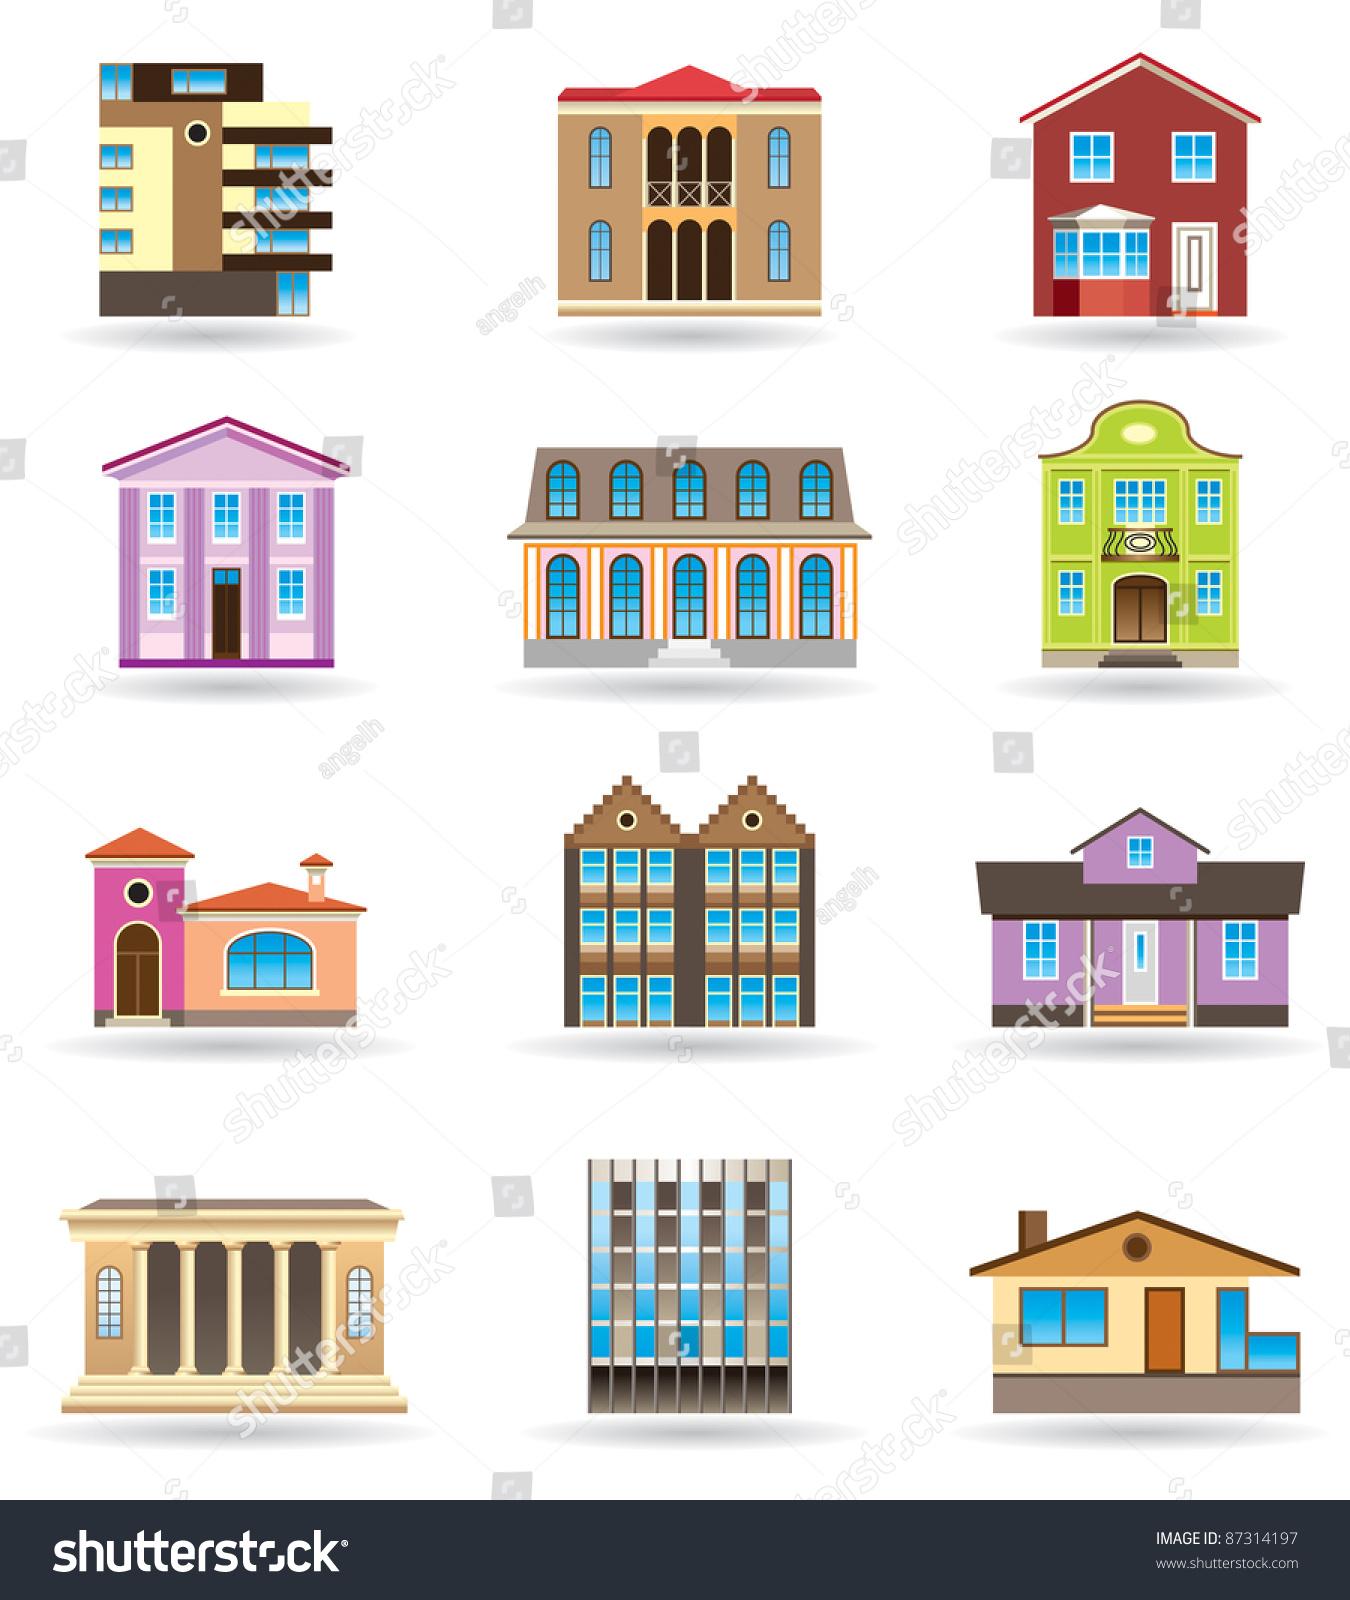 Многоквартирный дом с разных ракурсов |